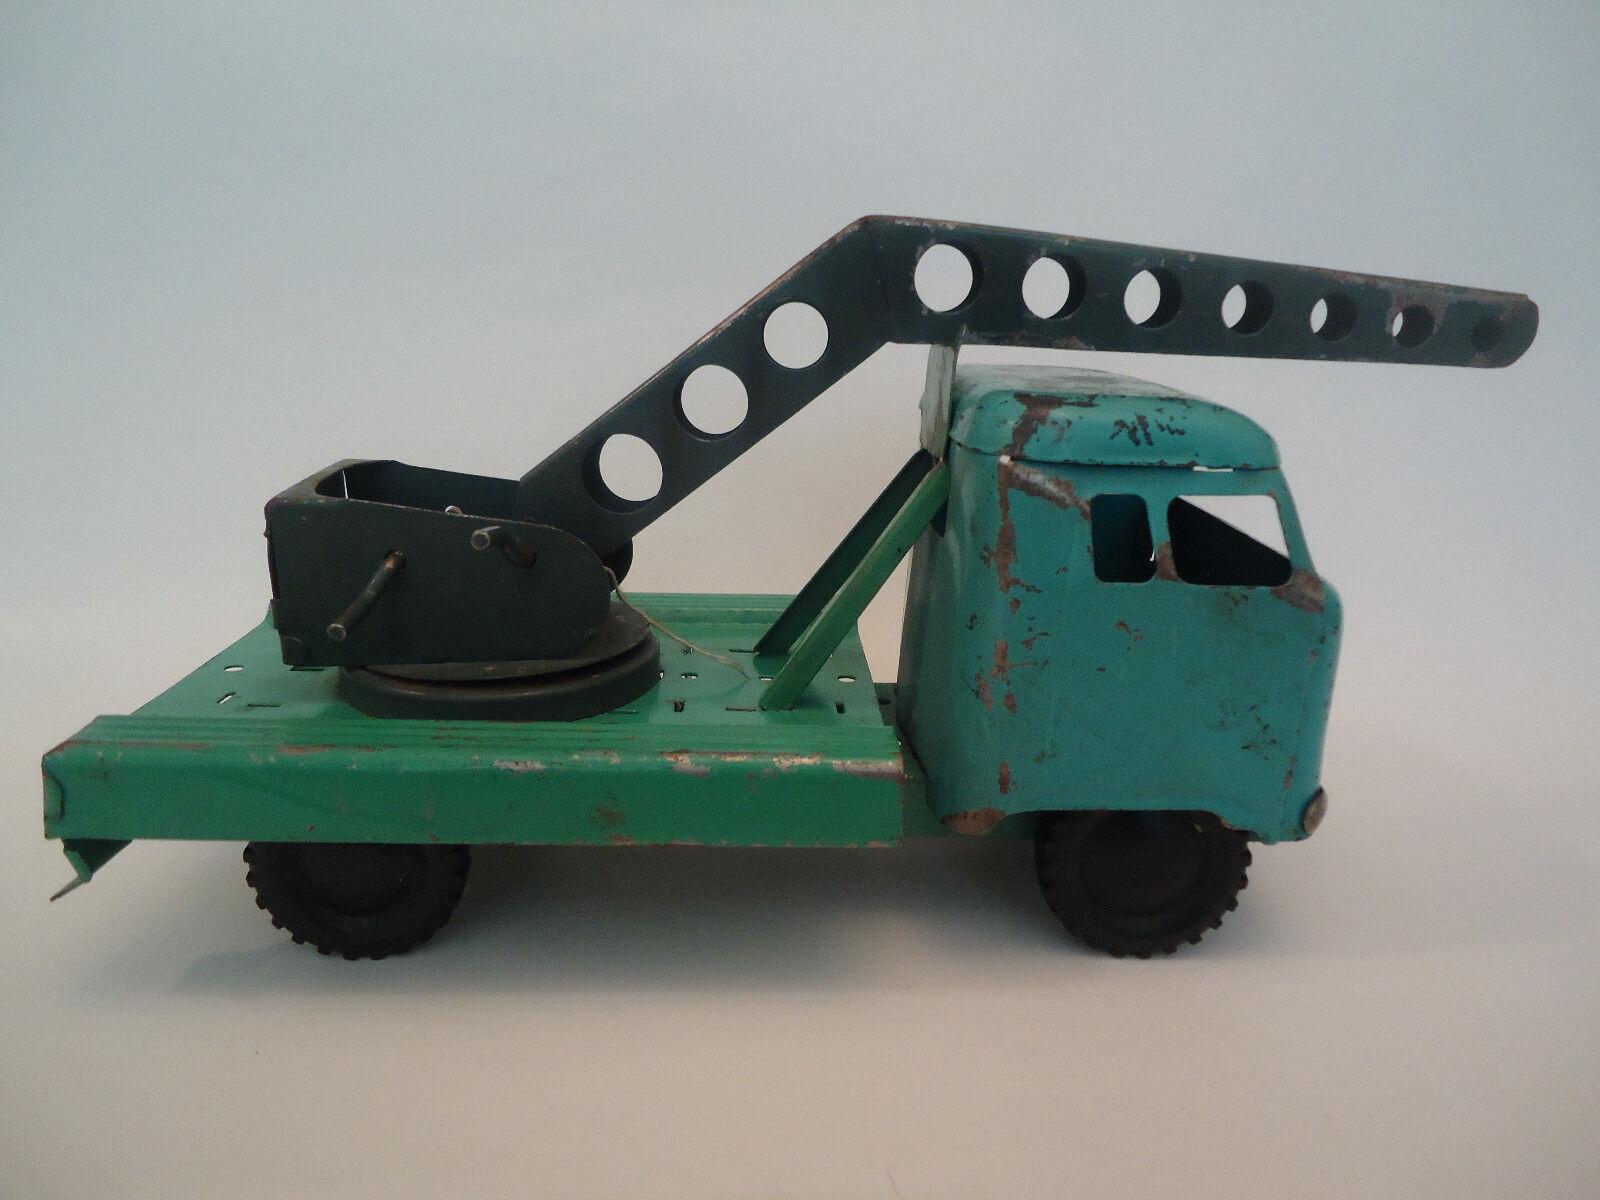 Antiguo Raro ruso soviético Fricción Estaño Juguete Camión grúa 60s